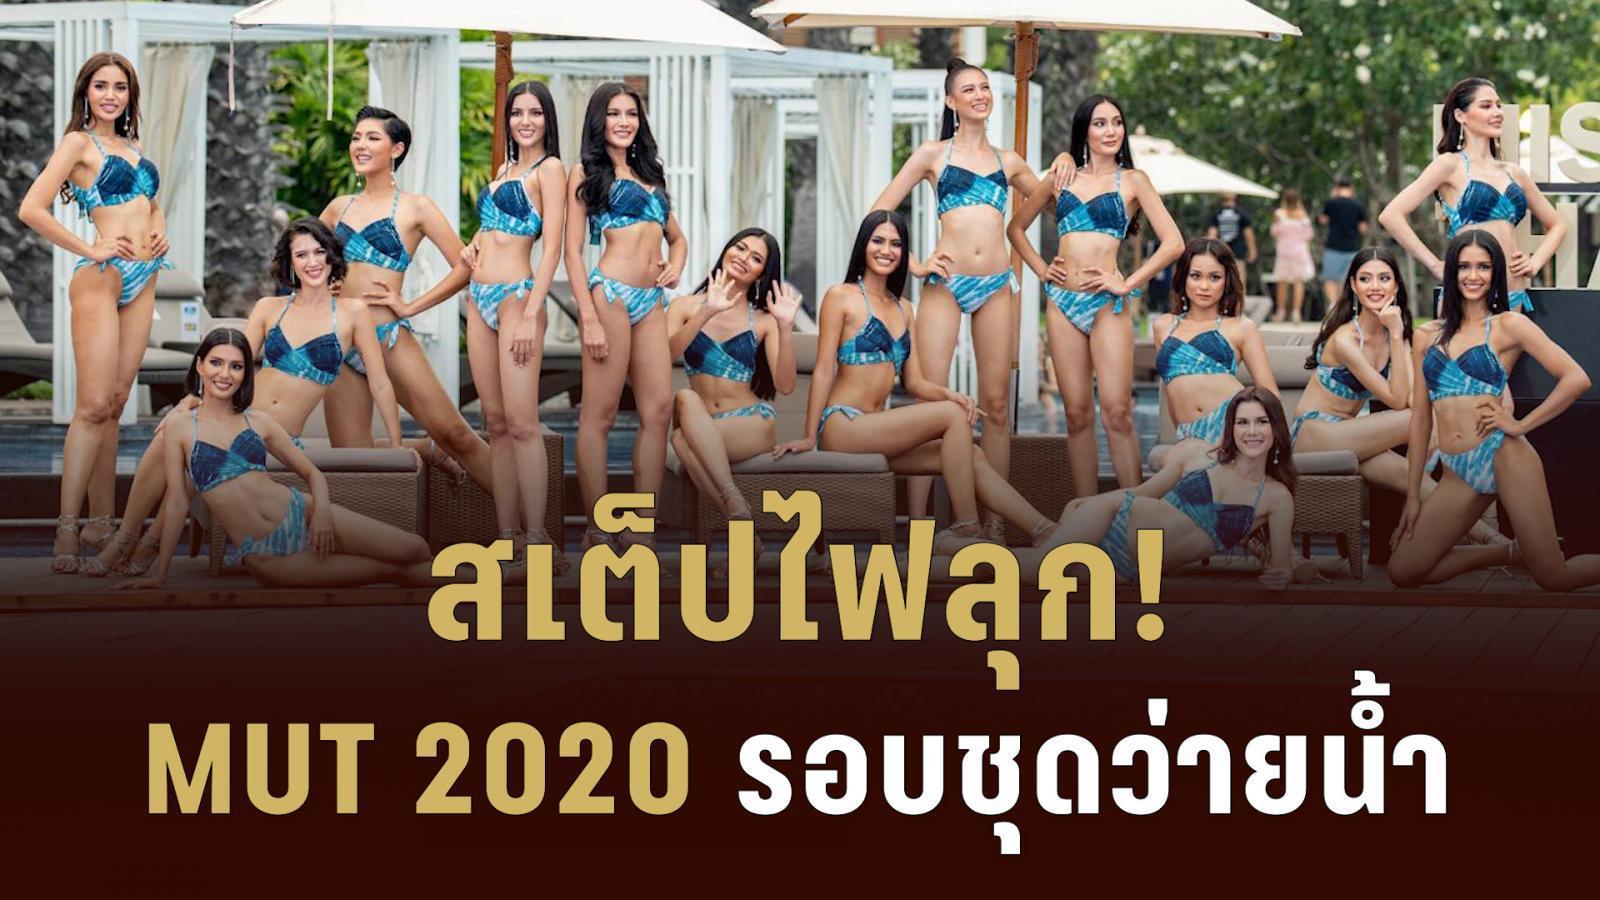 สเต็ปไฟลุก! MUT 2020 รอบชุดว่ายน้ำ | PPTV HD 36